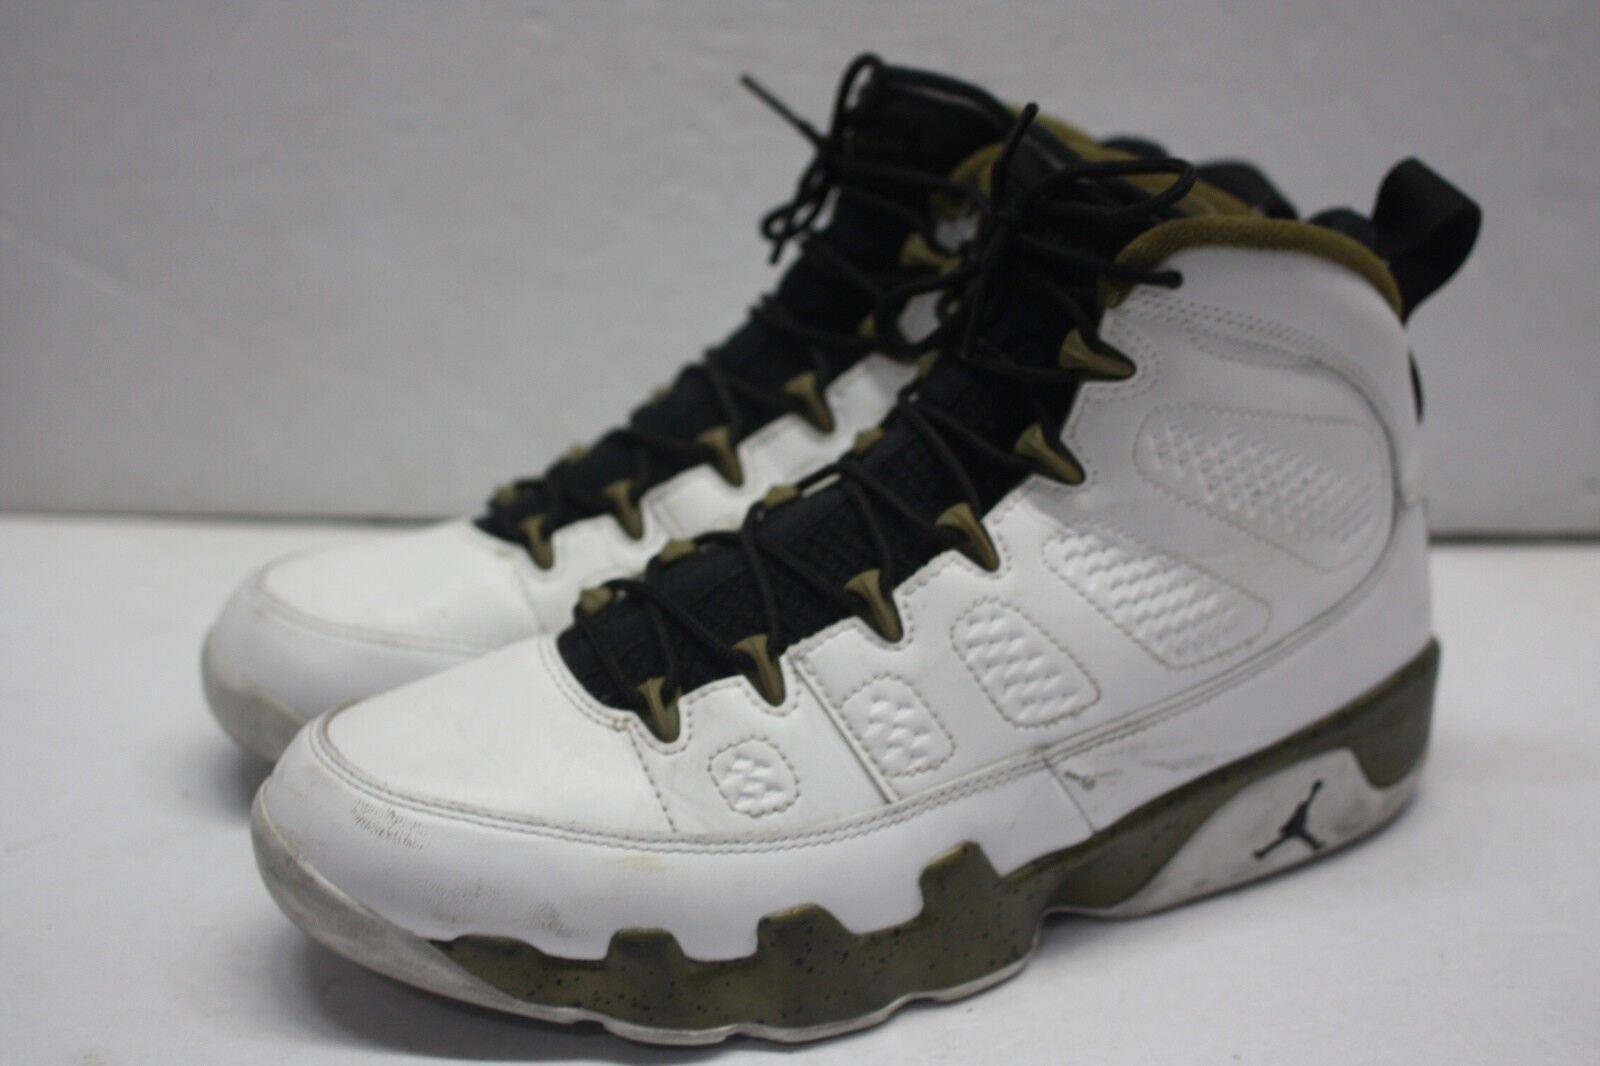 06e3c86b112 ... Nike Air Jordan Retro IX 9 MILITIA GREEN Statue Statue Statue Spirit Copper  302370-109 ...